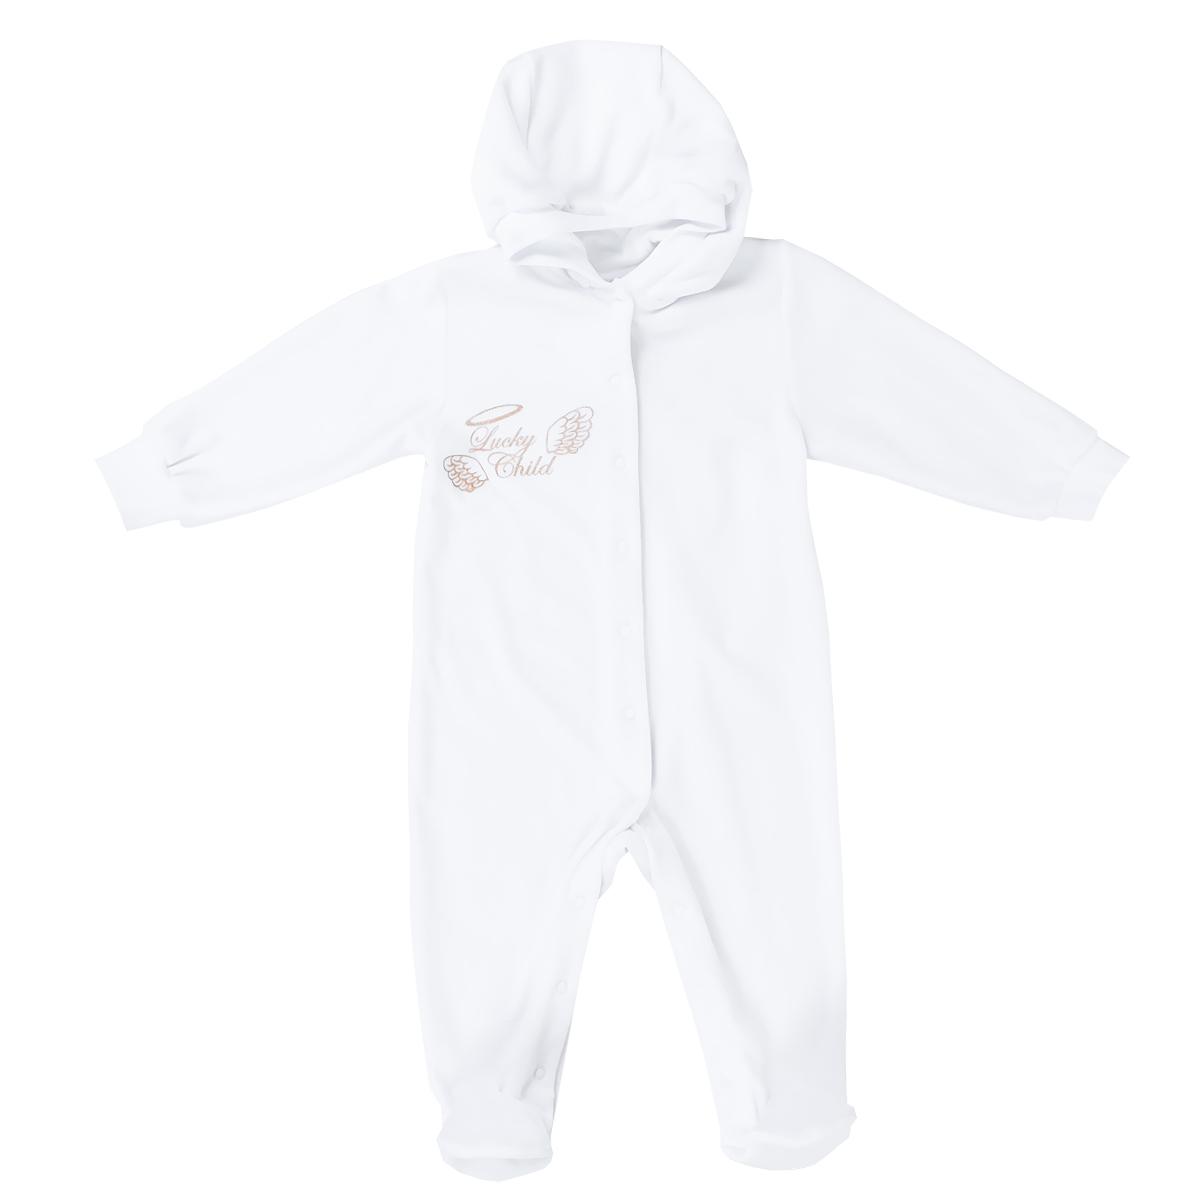 17-3Детский комбинезон Lucky Child Ангелы - очень удобный и практичный вид одежды для малышей. Комбинезон выполнен из велюра, благодаря чему он необычайно мягкий и приятный на ощупь, не раздражает нежную кожу ребенка и хорошо вентилируется, а эластичные швы приятны телу малыша и не препятствуют его движениям. Комбинезон с капюшоном, длинными рукавами и закрытыми ножками имеет застежки-кнопки от горловины до щиколоток, которые помогают легко переодеть младенца или сменить подгузник. Край капюшона и рукава дополнены трикотажными резинками. Комбинезон на груди оформлен надписью в виде логотипа бренда и изображением крылышек, а на спинке дополнен текстильными крылышками, вышитыми металлизированной нитью. С детским комбинезоном Lucky Child спинка и ножки вашего малыша всегда будут в тепле, он идеален для использования днем и незаменим ночью. Комбинезон полностью соответствует особенностям жизни младенца в ранний период, не стесняя и не ограничивая его в движениях!